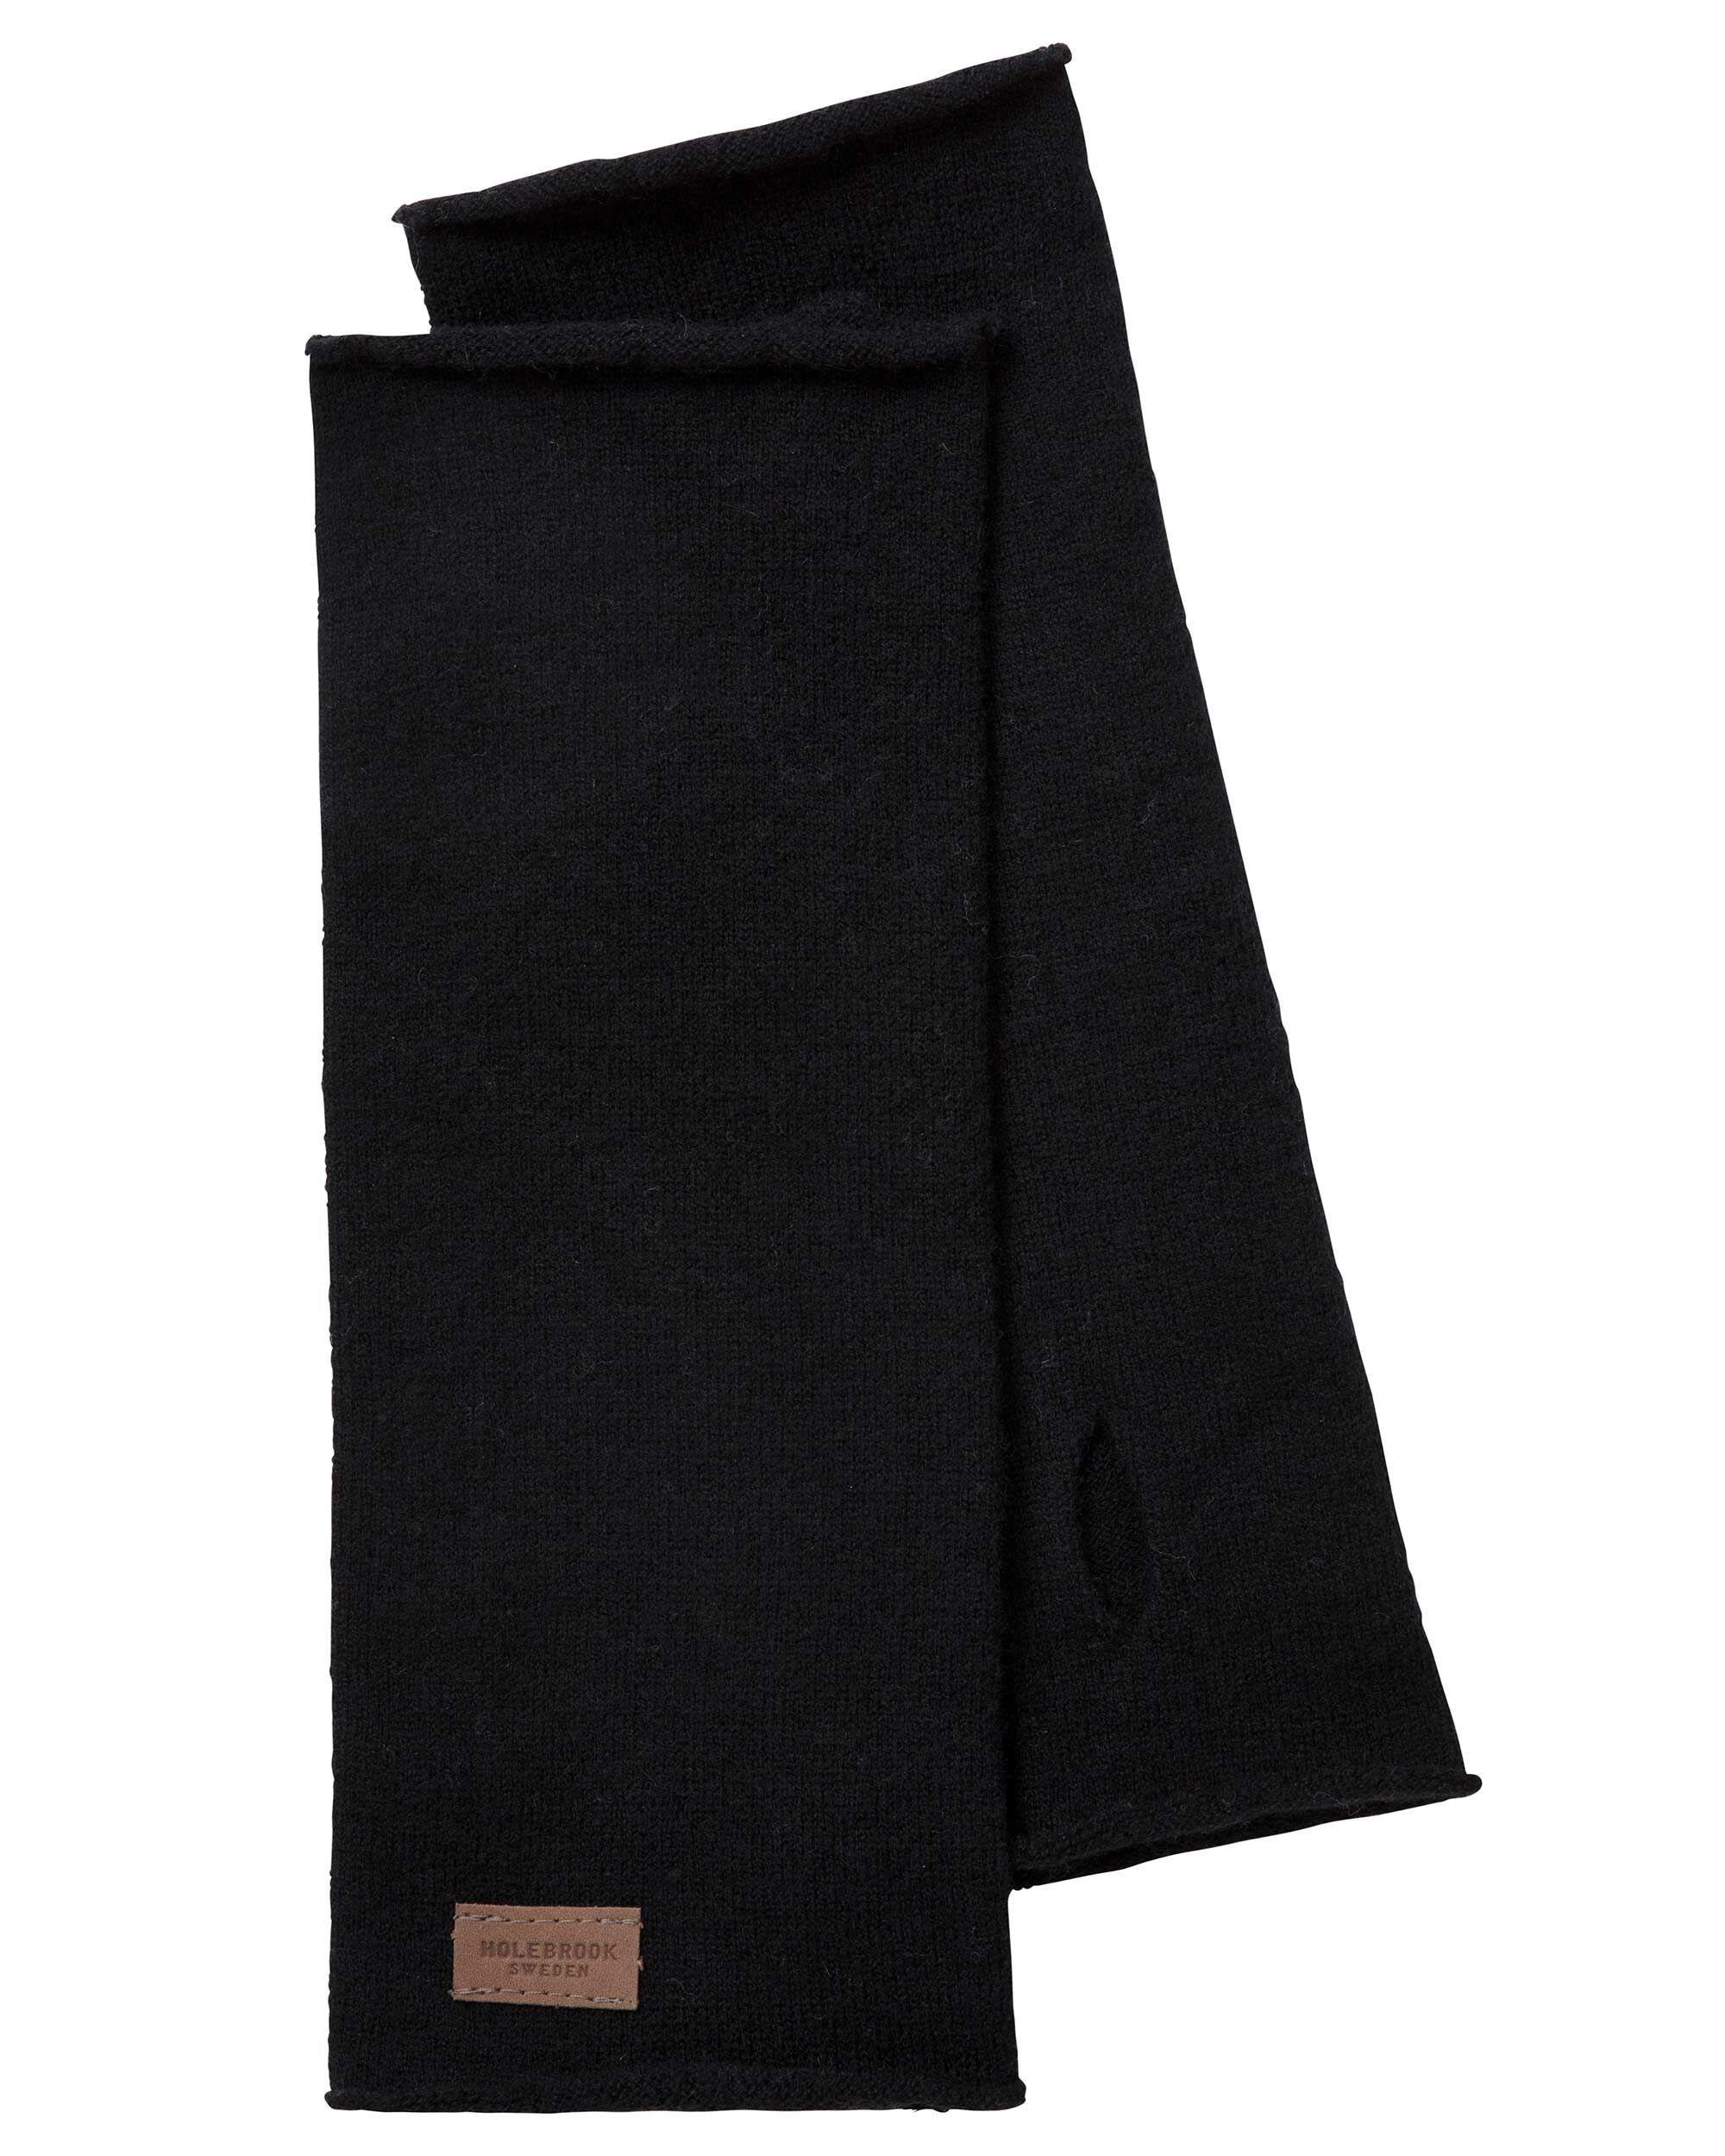 Holebrook Smögen Wristwarmer in Black